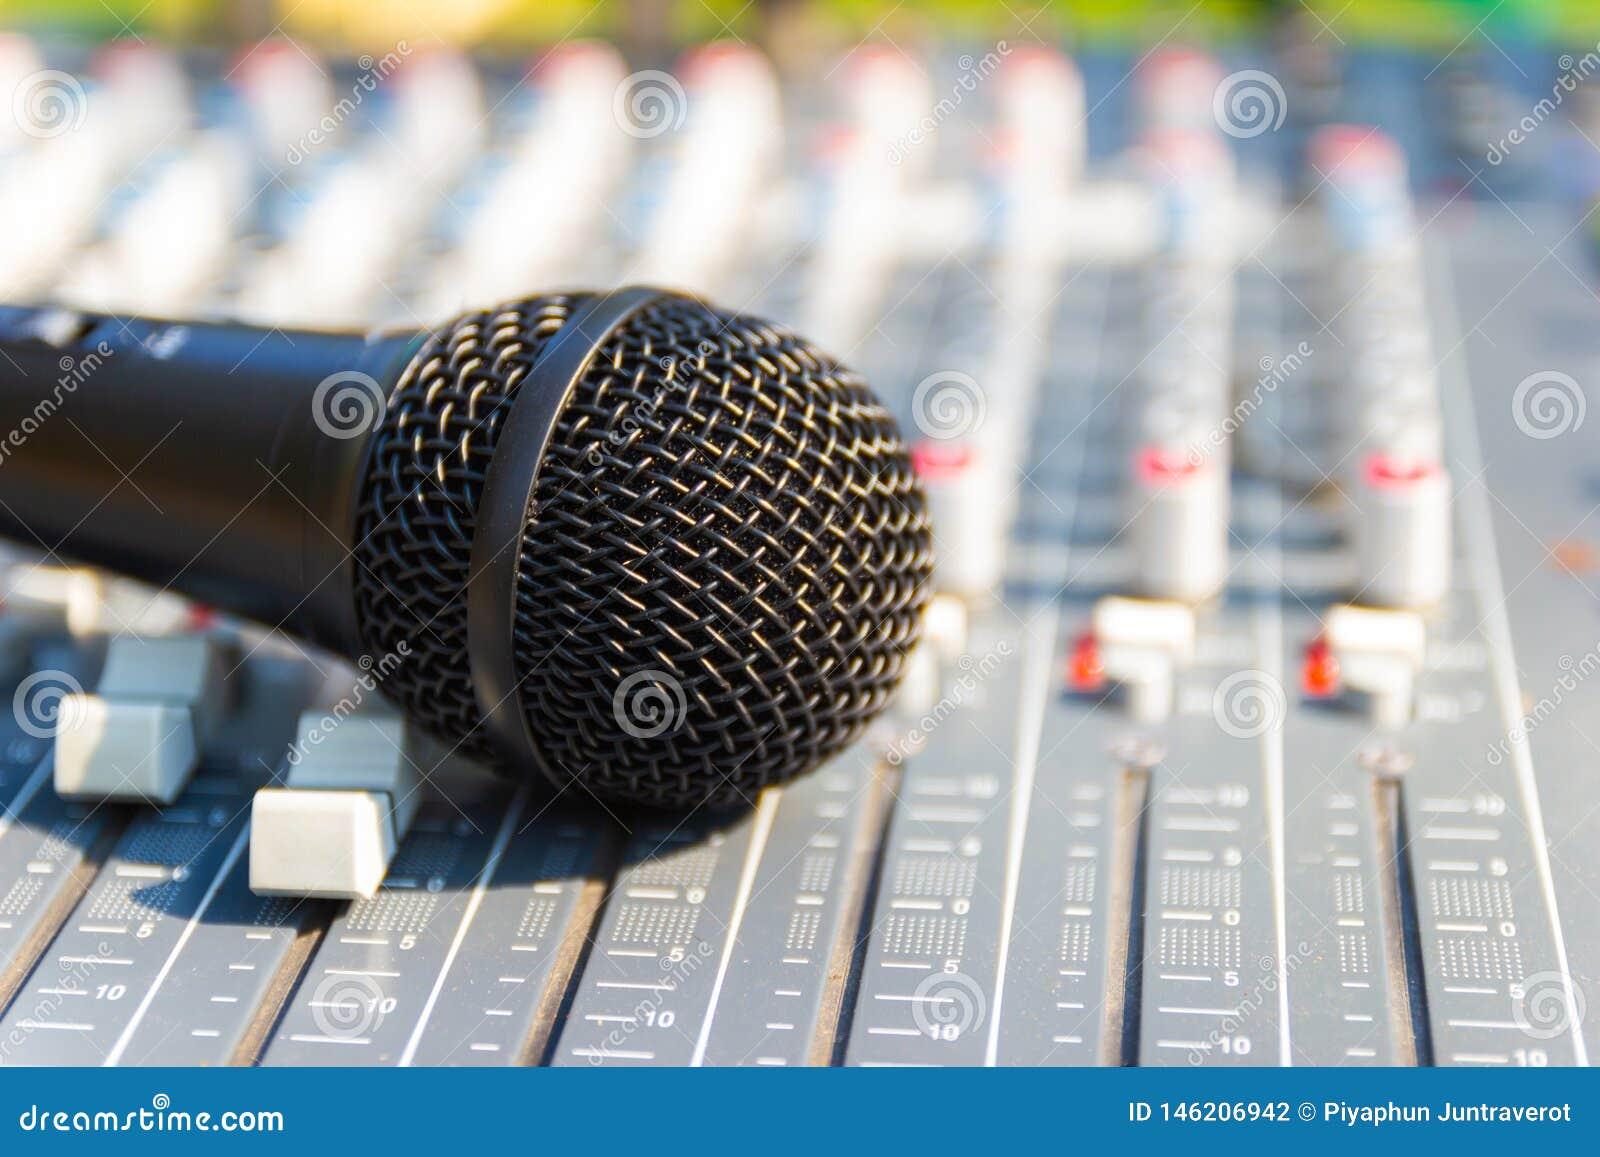 Mikrofon auf mischender Konsole eines gro?en Hifisystems